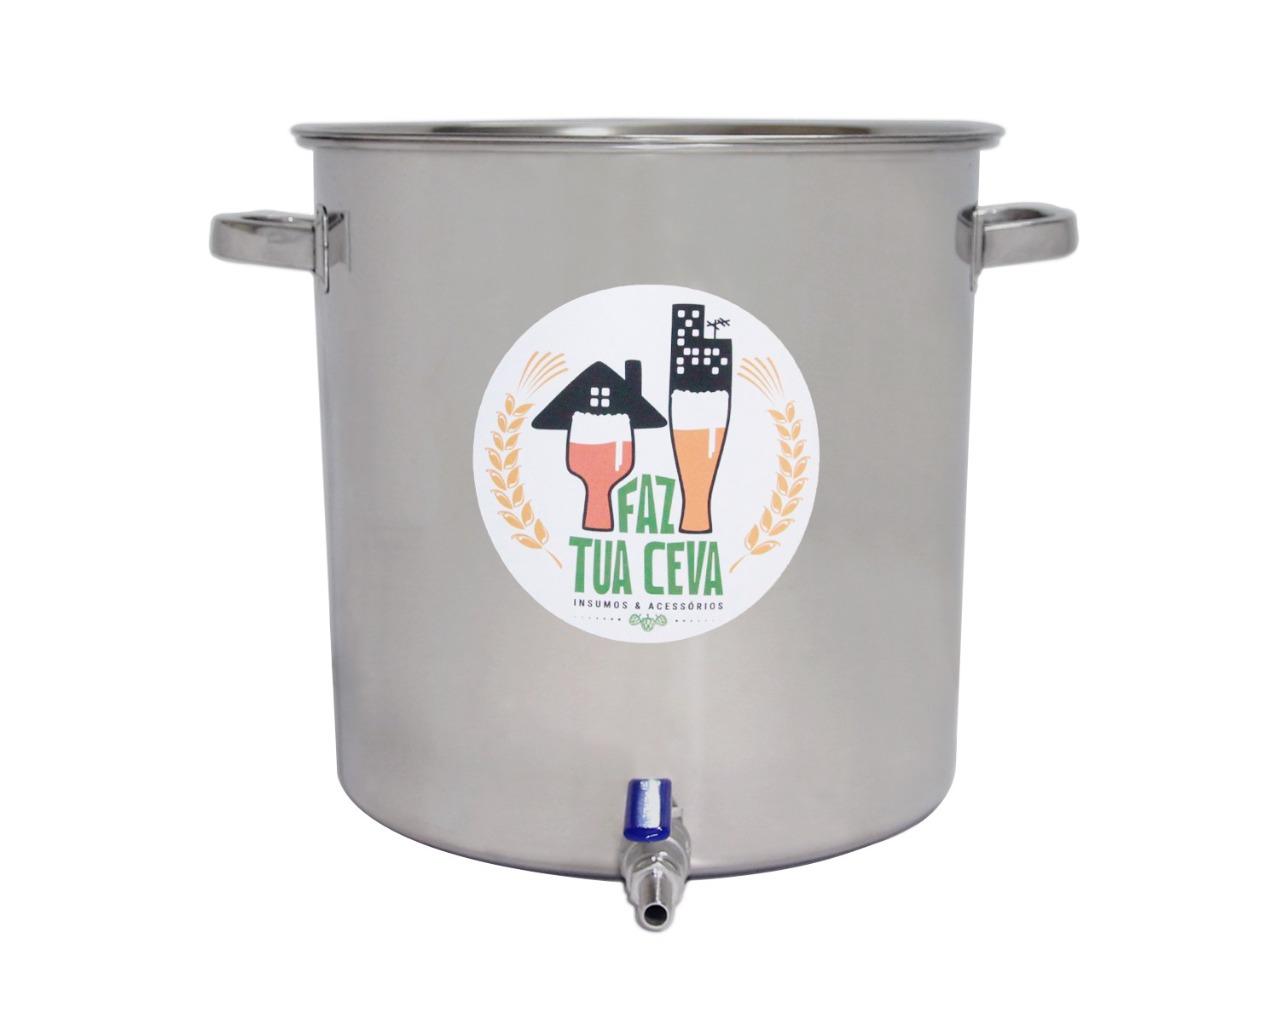 Caldeirão/Panela Cervejeira INOX 201 com Registro 169L - nº 60